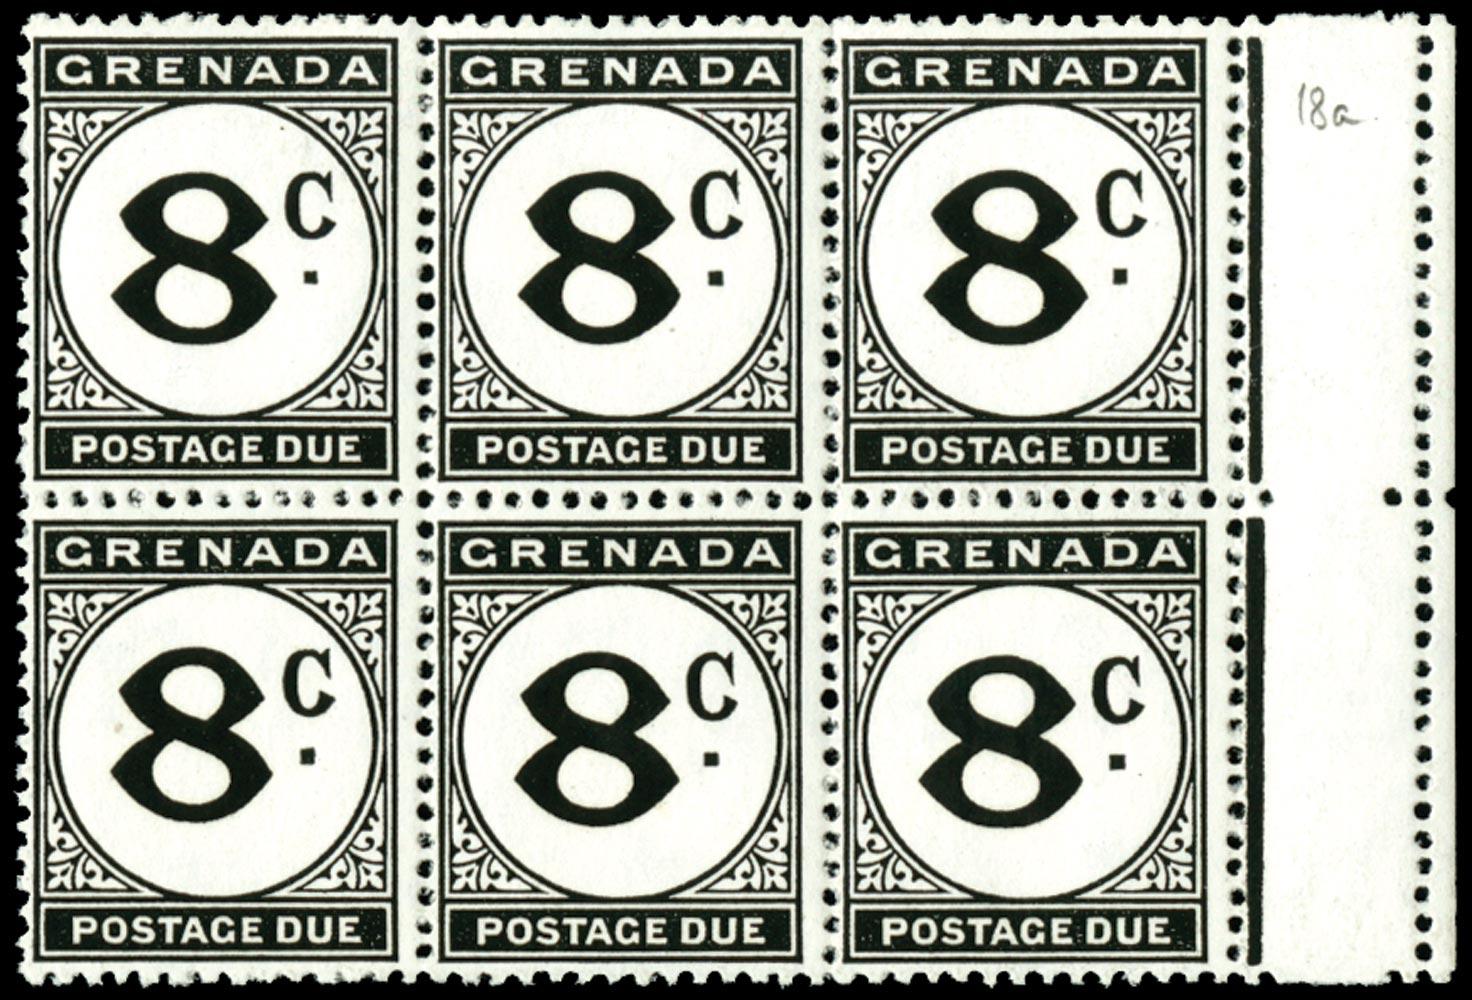 GRENADA 1952  SGD18/a Postage Due